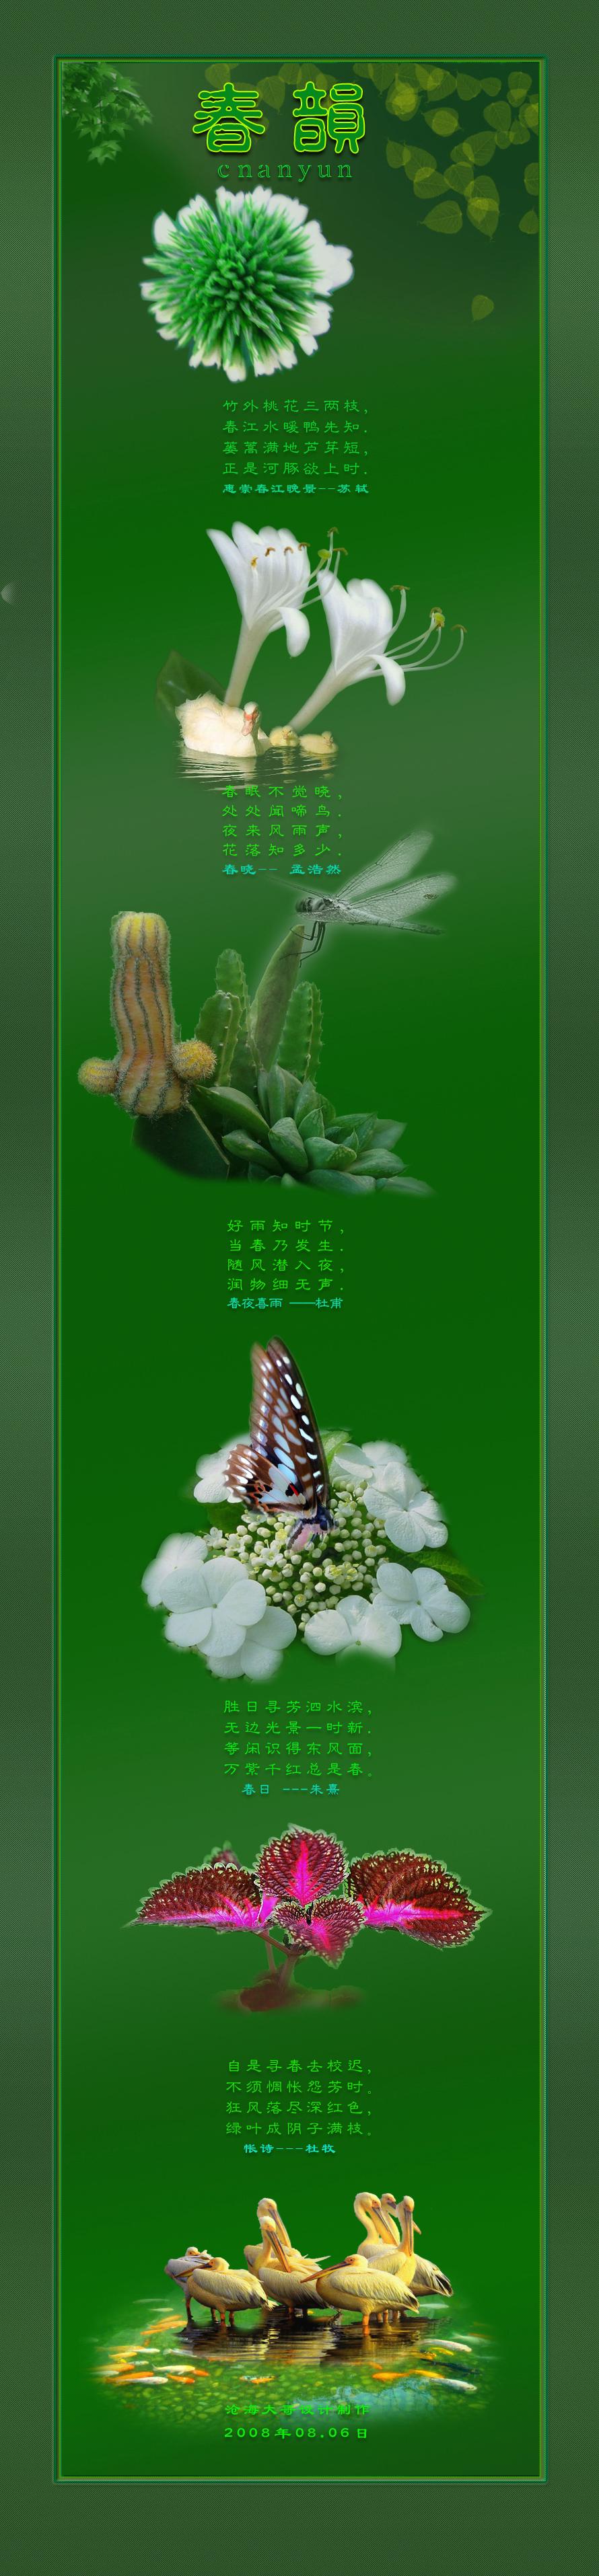 醉美江南 - 无限风光学习收藏 - 无限风光学习收藏的博屋